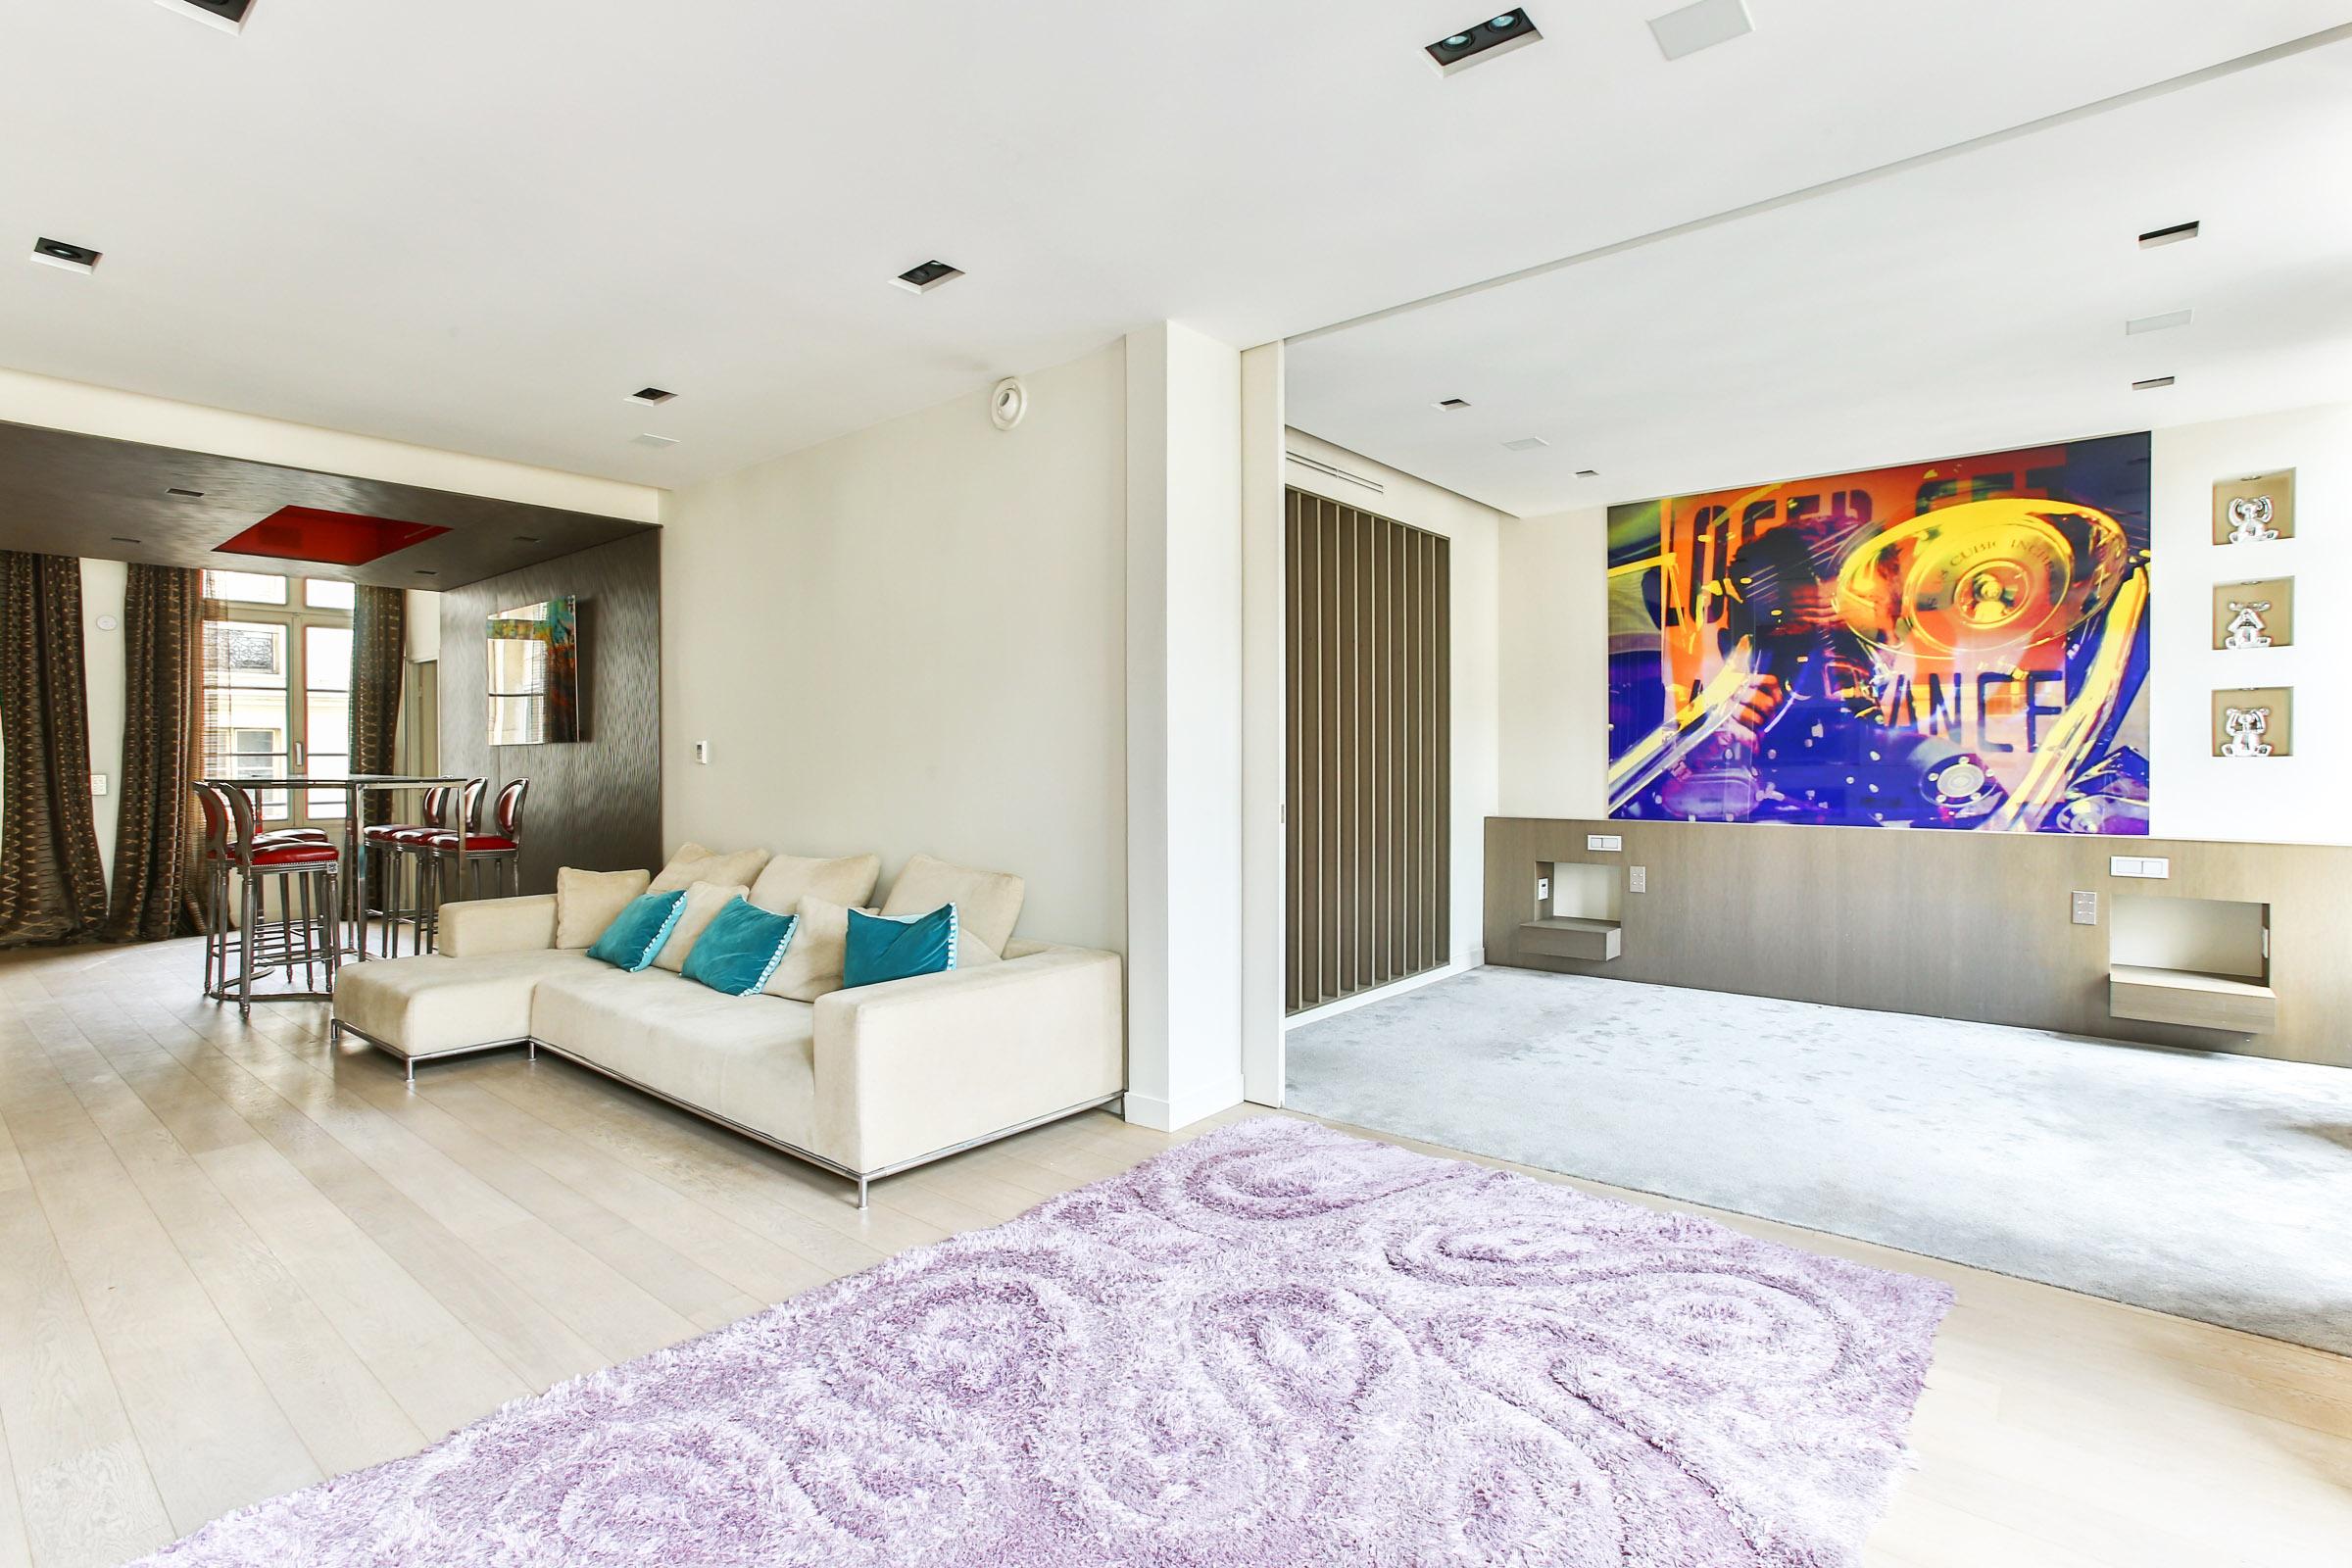 Apartment for Sale at Apartment - Place Vendôme - Jardin des Tuileries Paris, Paris 75001 France